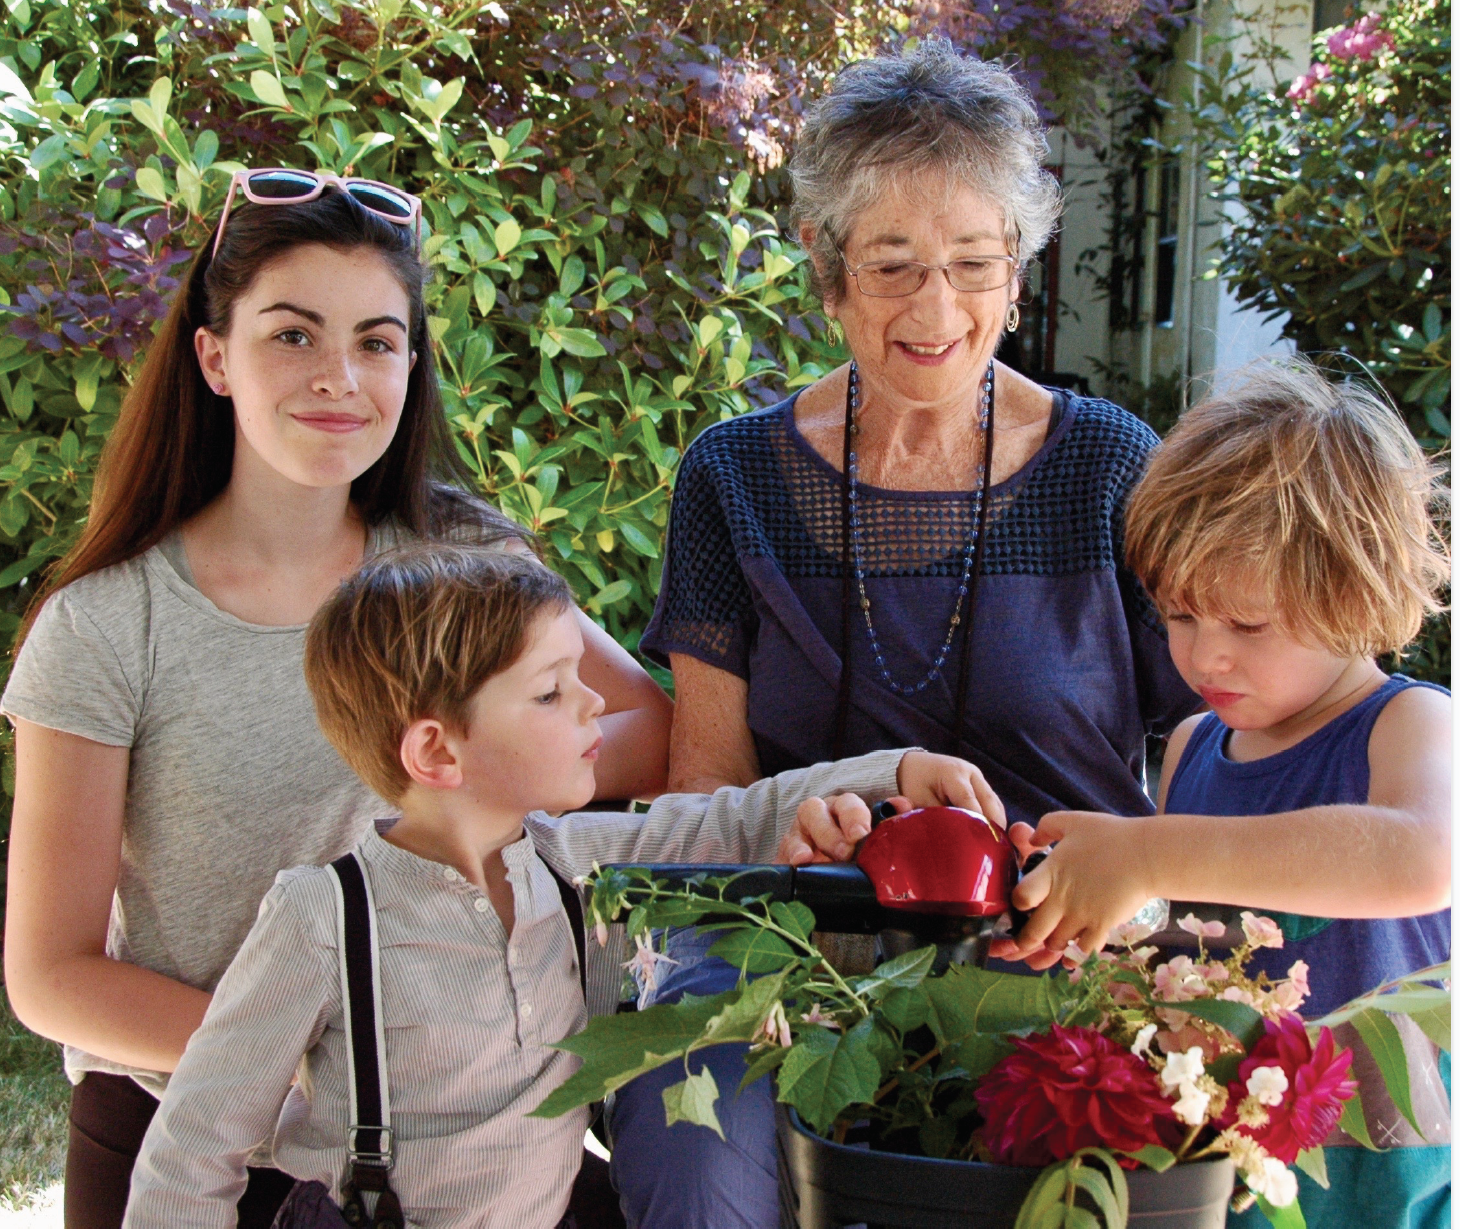 Bonnie Sherr Klein and her grandchildren